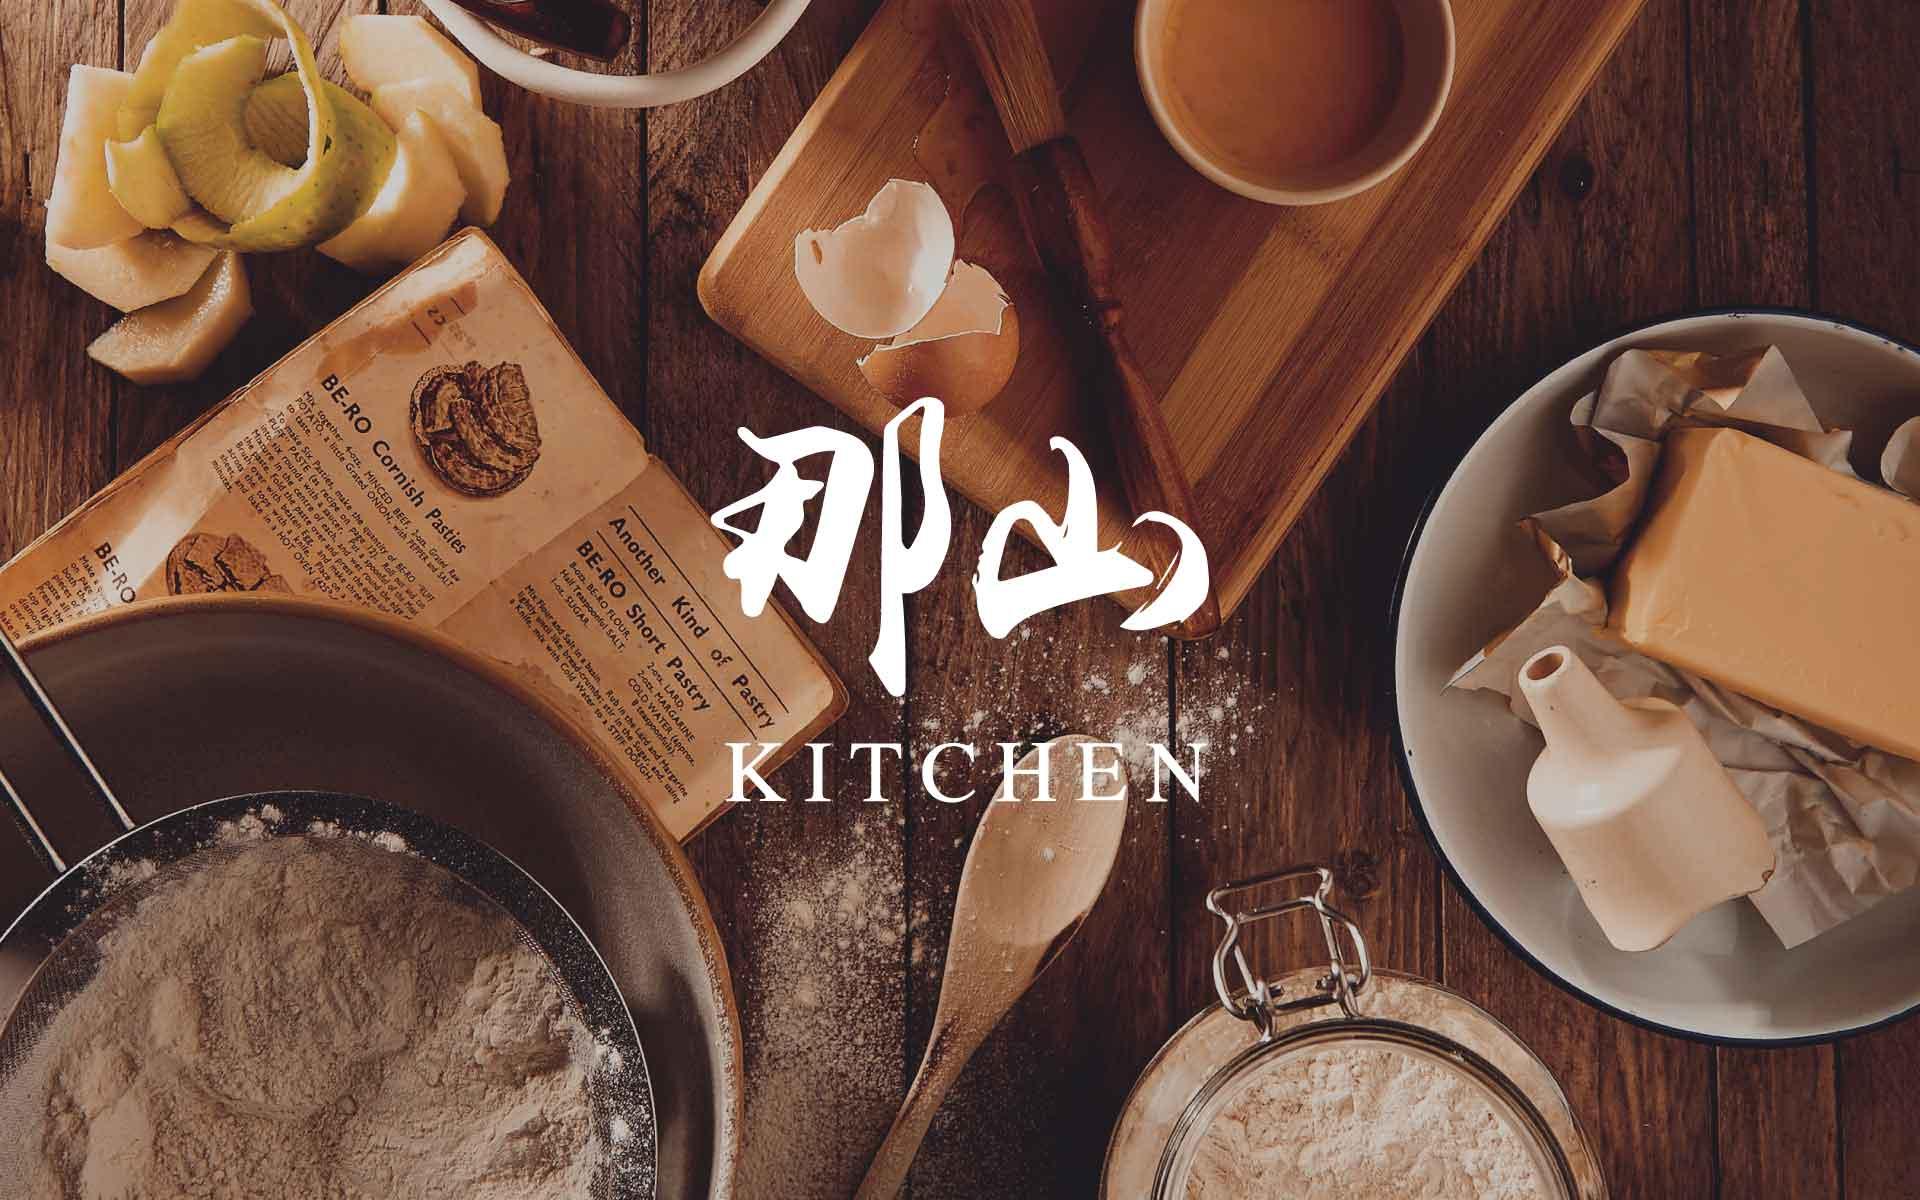 那山 Kitchen 品牌主視覺